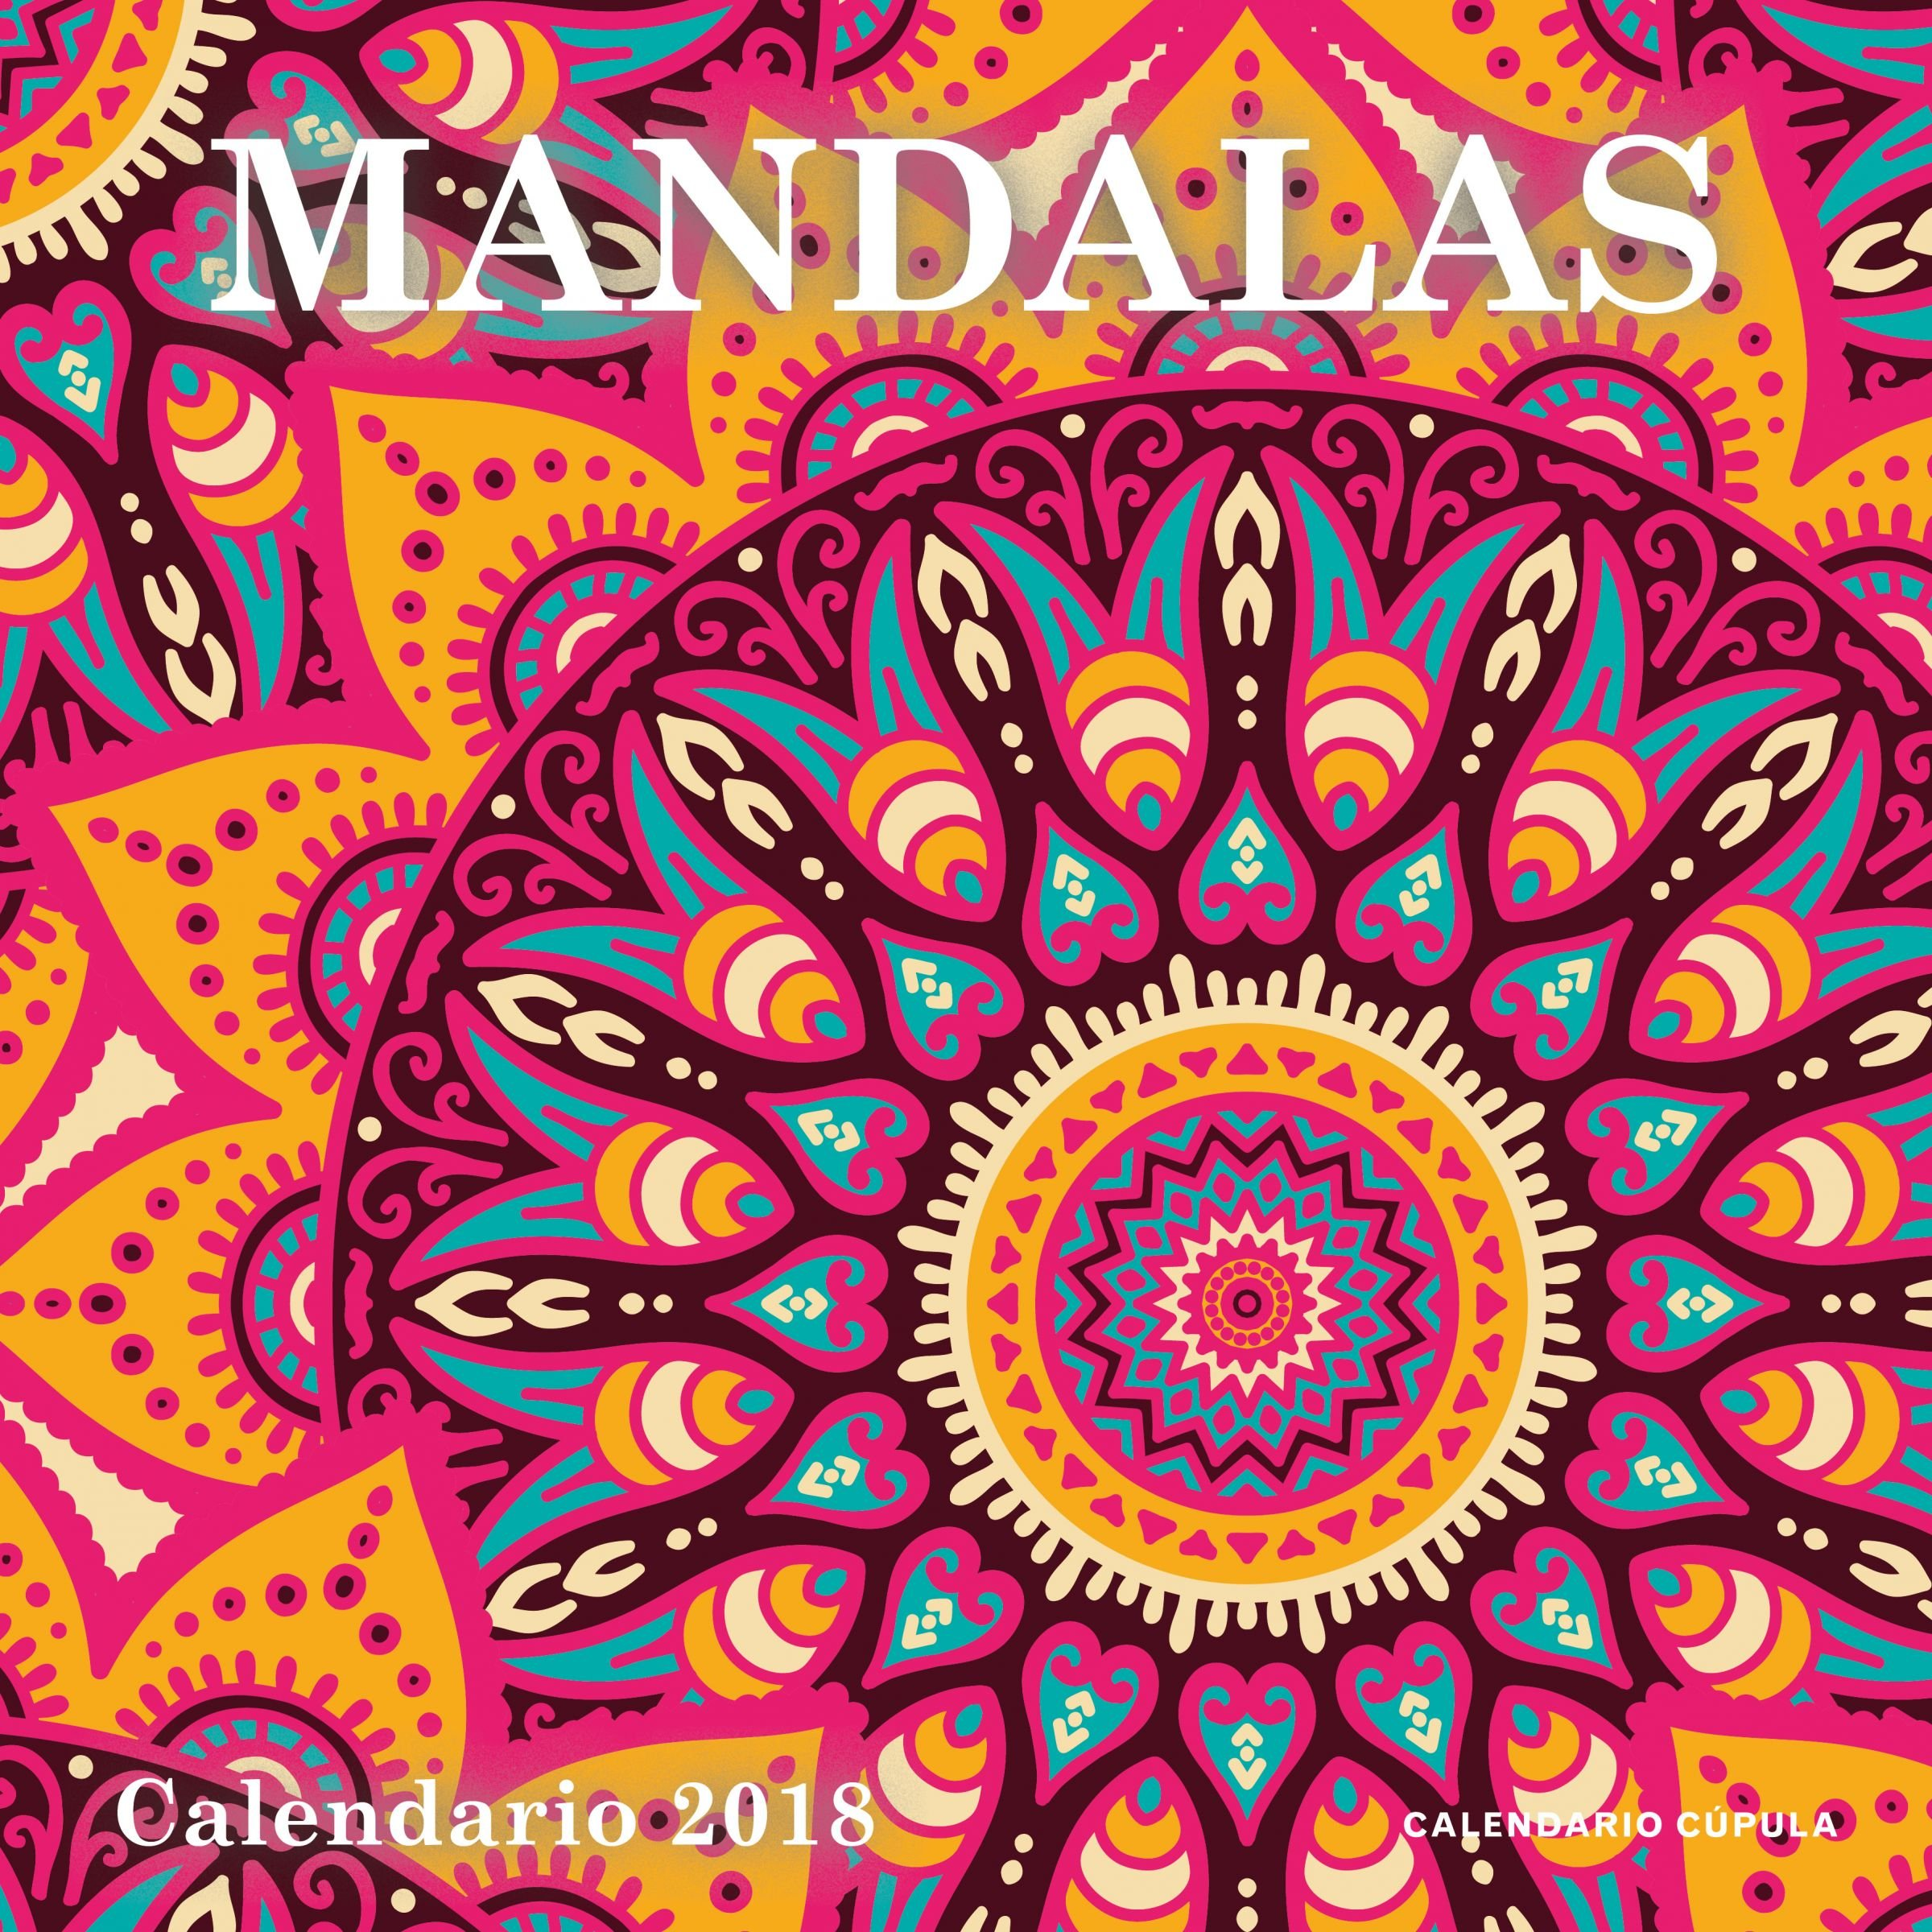 Calendario Mandalas 2018 (Calendarios y agendas): Amazon.es ...